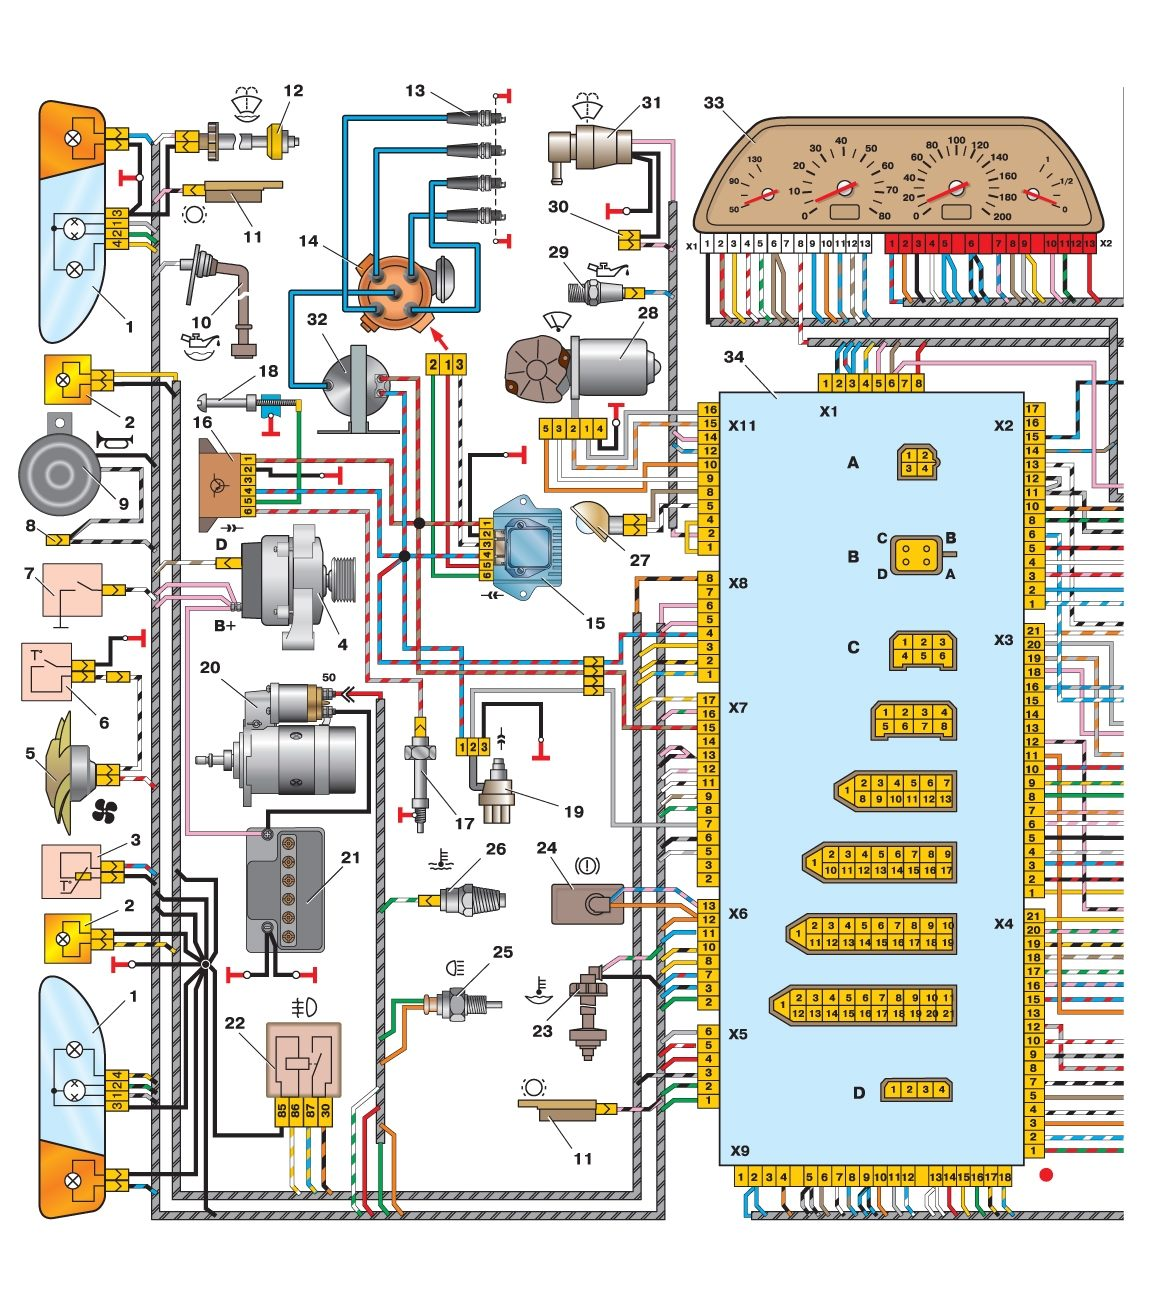 Схема электрооборудования (без узлов системы управления двигателем лада самара 2) .